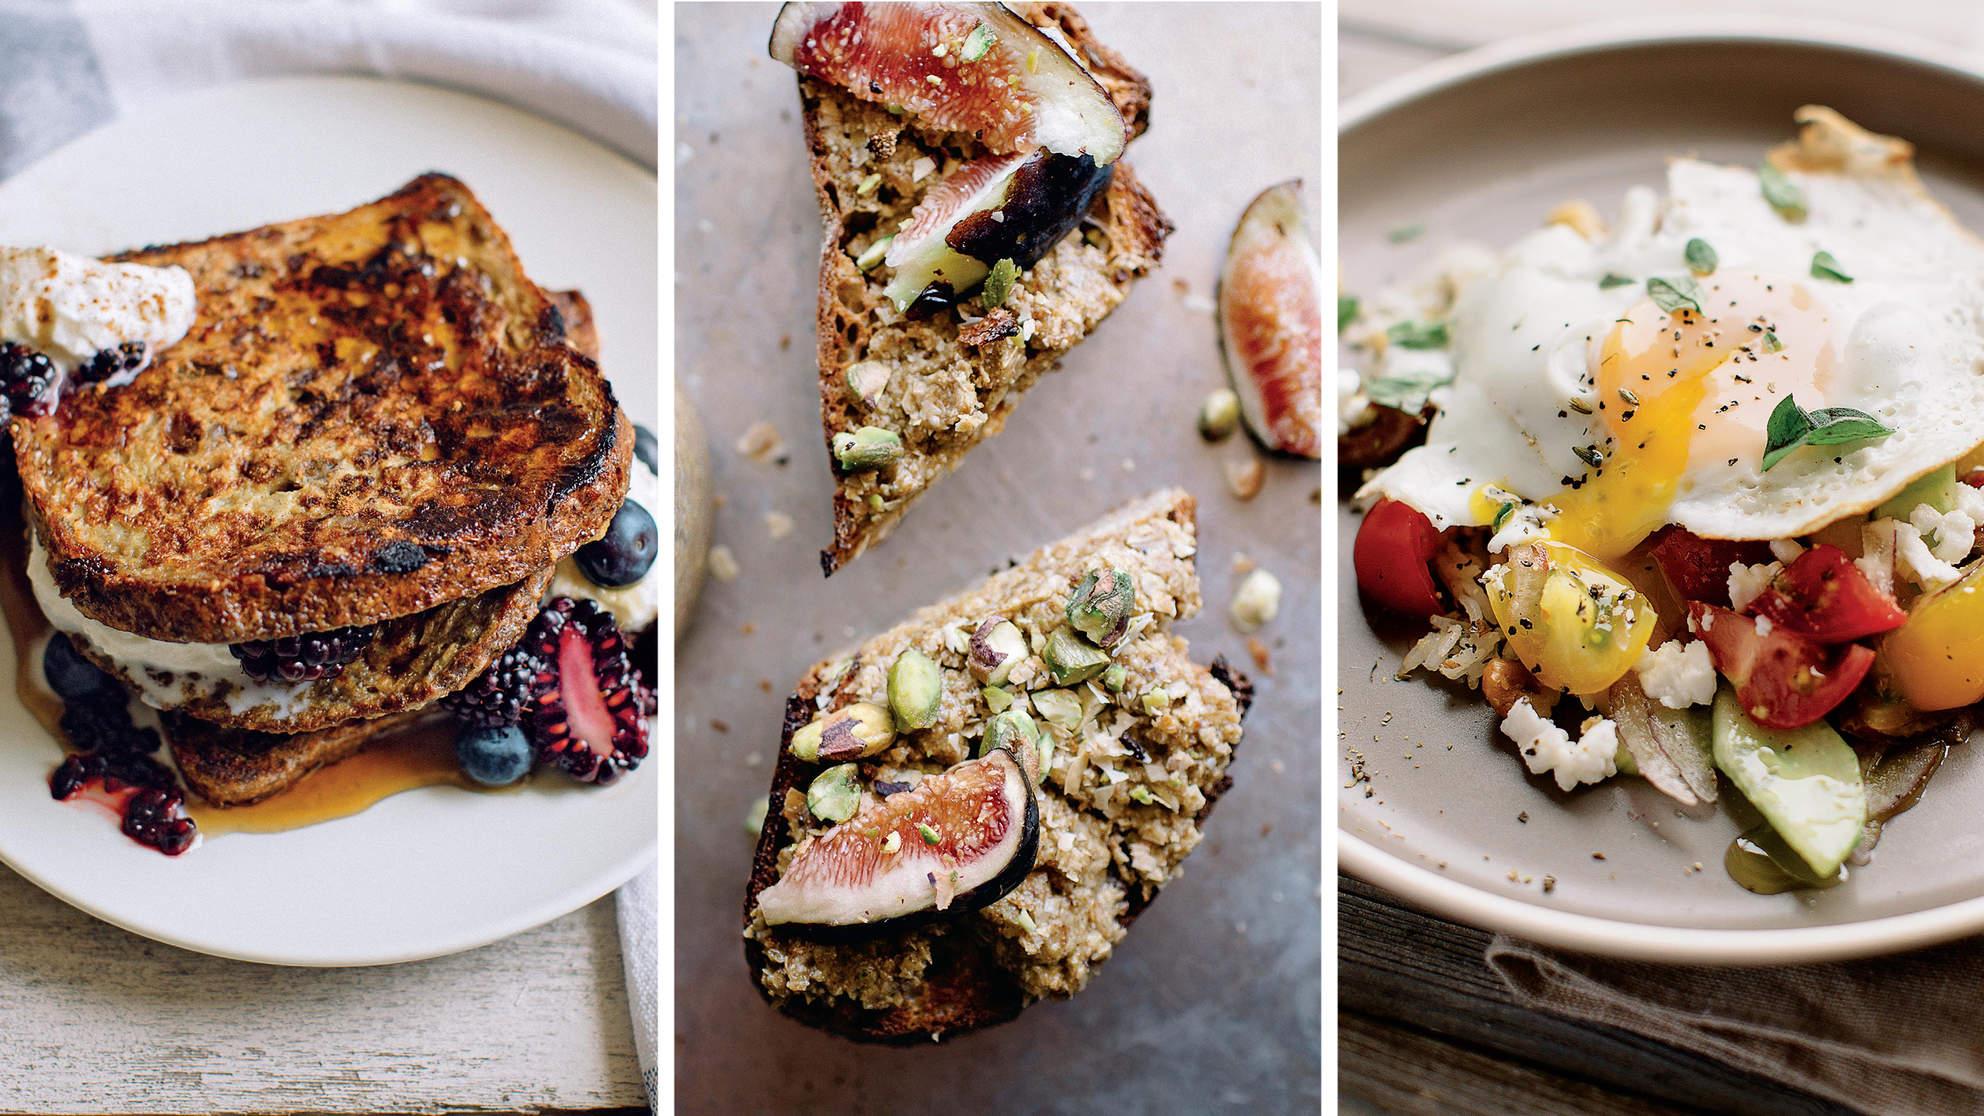 mediterranean-diet-breakfasts